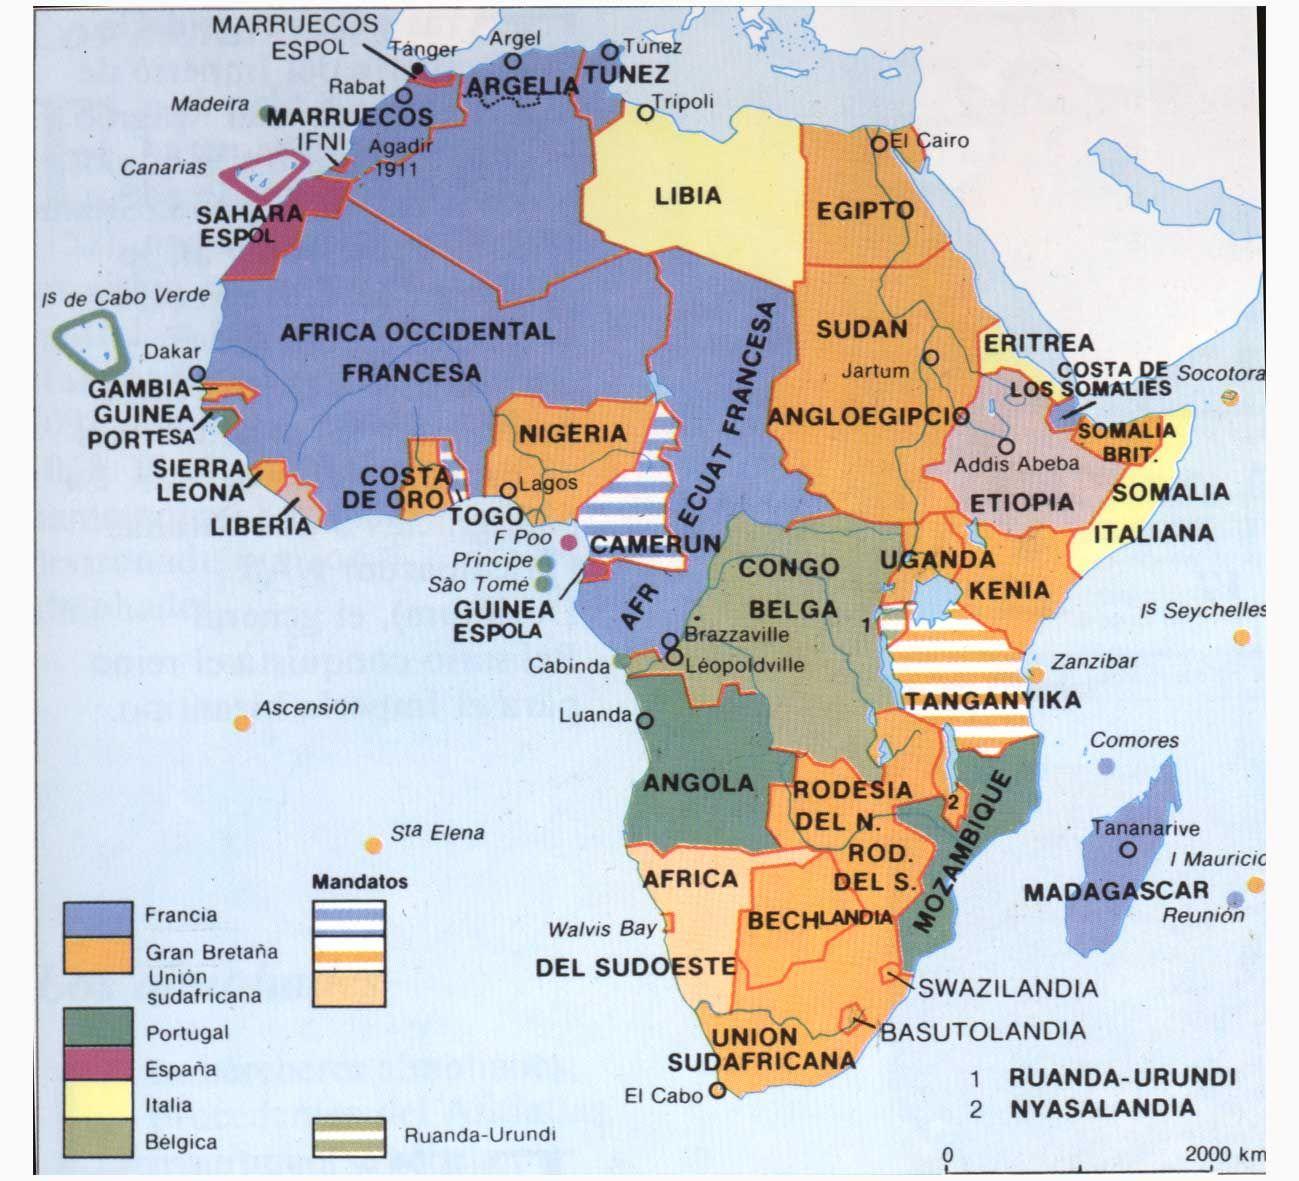 Africa Cartografia Paises Colonizados En Africa